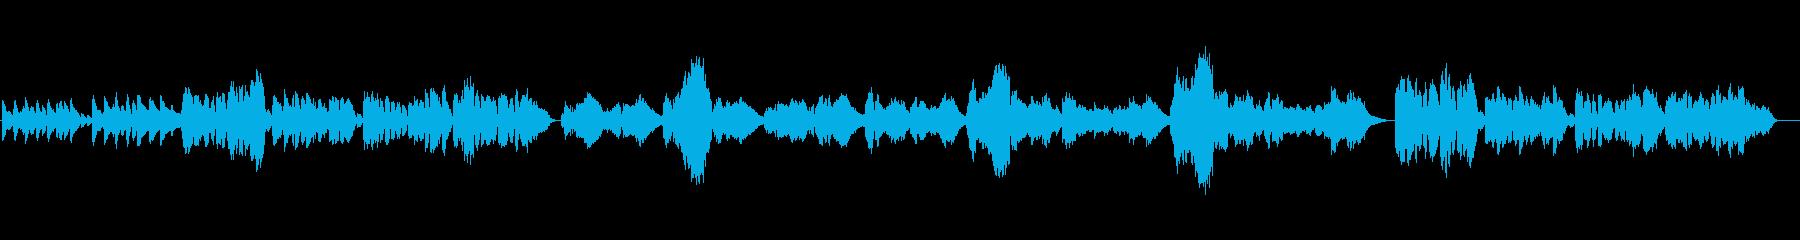 横浜市歌。女声とピアノ伴奏。の再生済みの波形